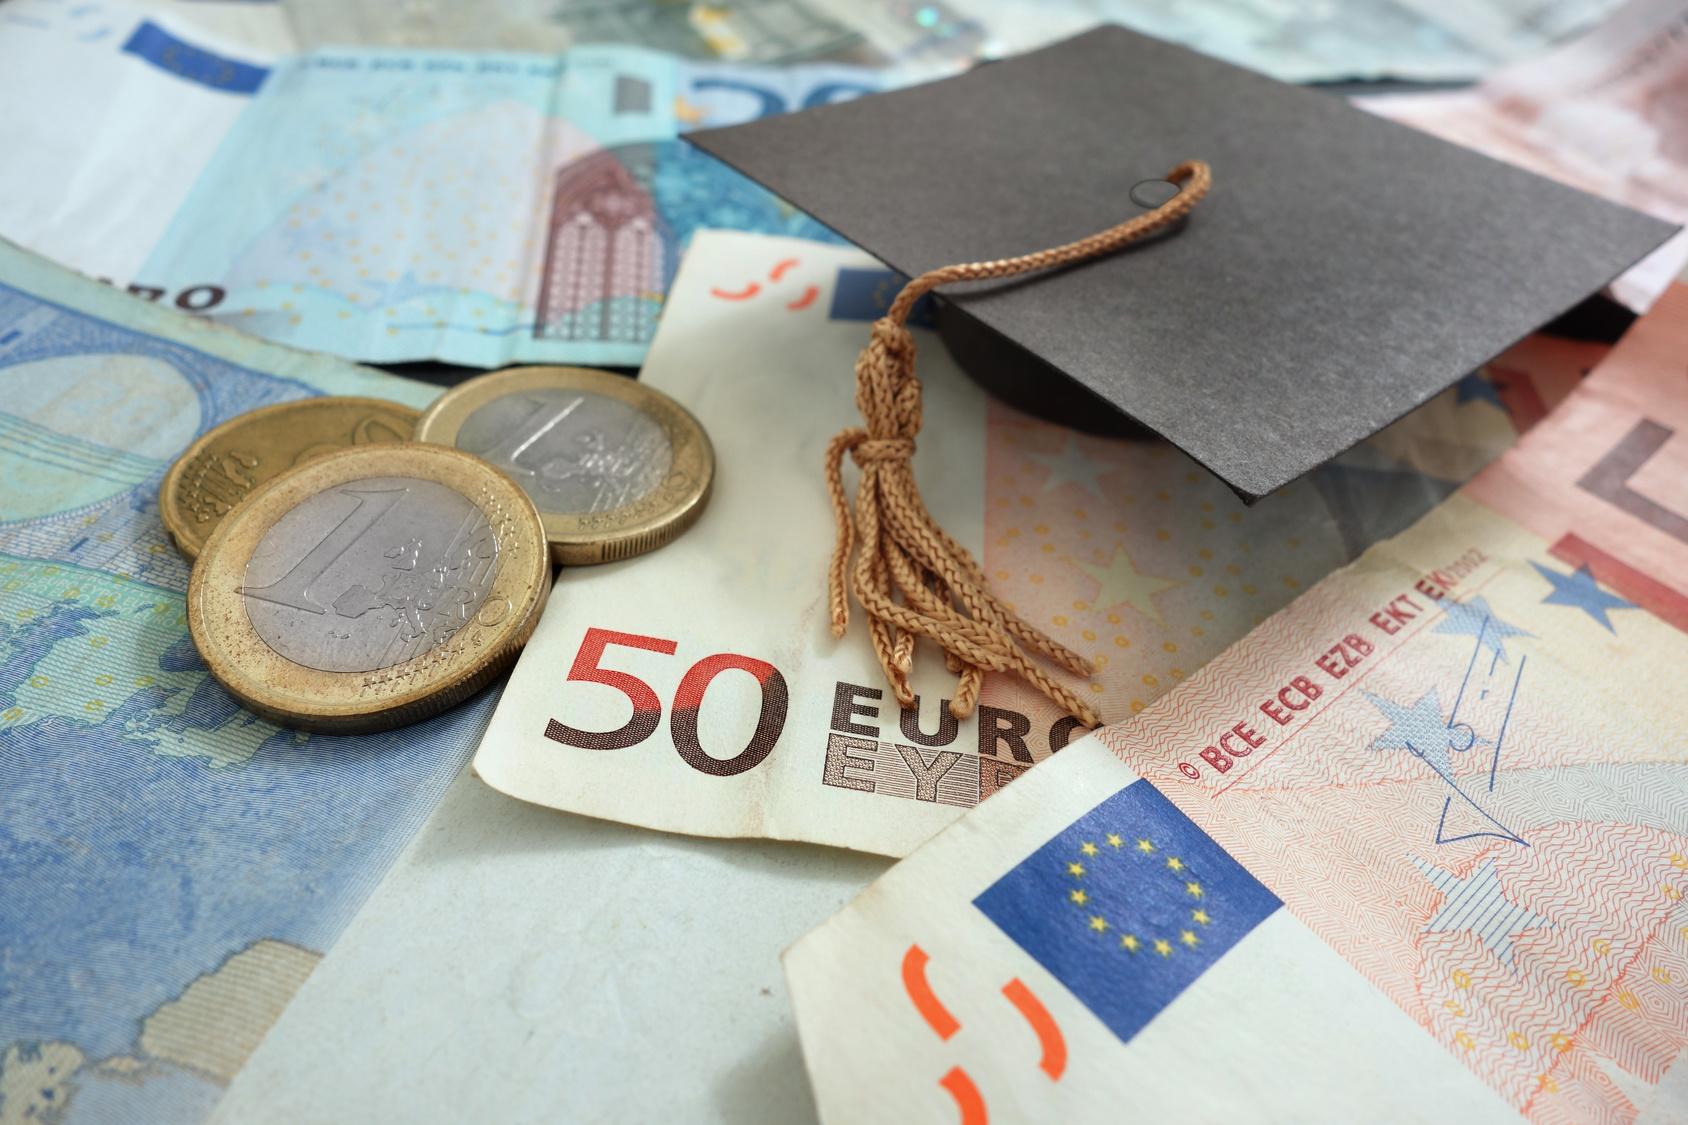 Стипендия в евро фото